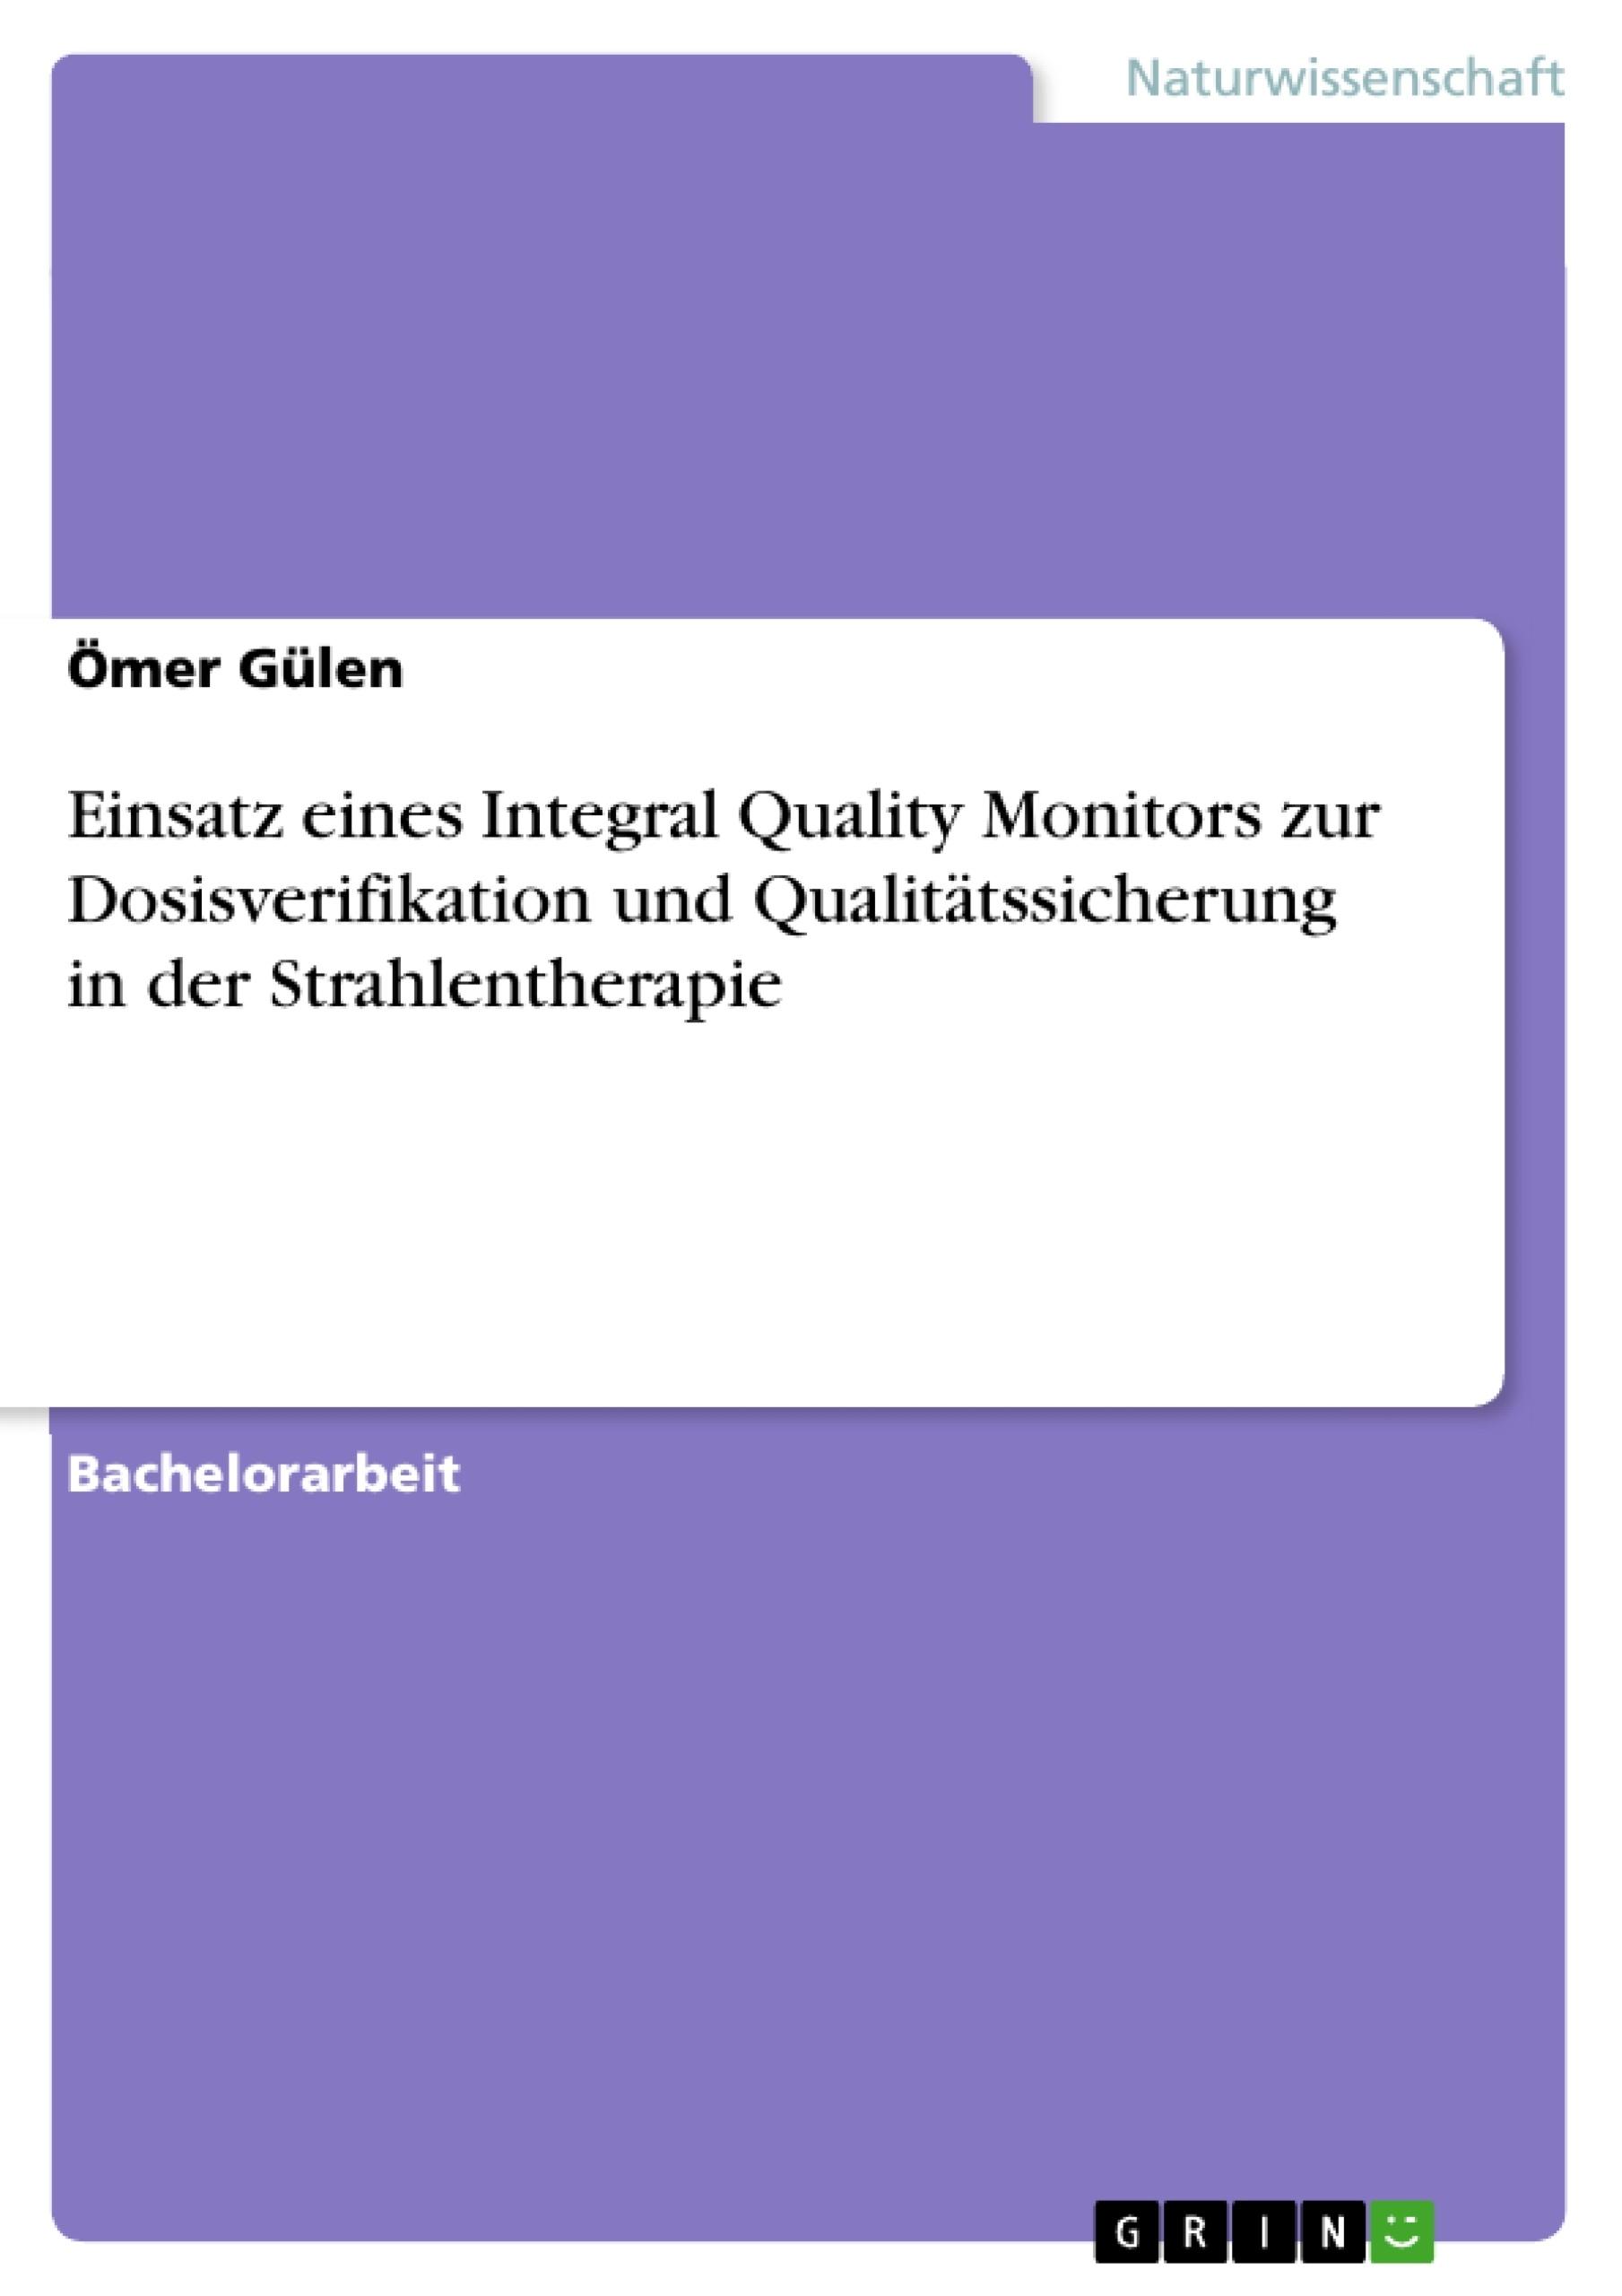 Titel: Einsatz eines Integral Quality Monitors zur Dosisverifikation und Qualitätssicherung in der Strahlentherapie